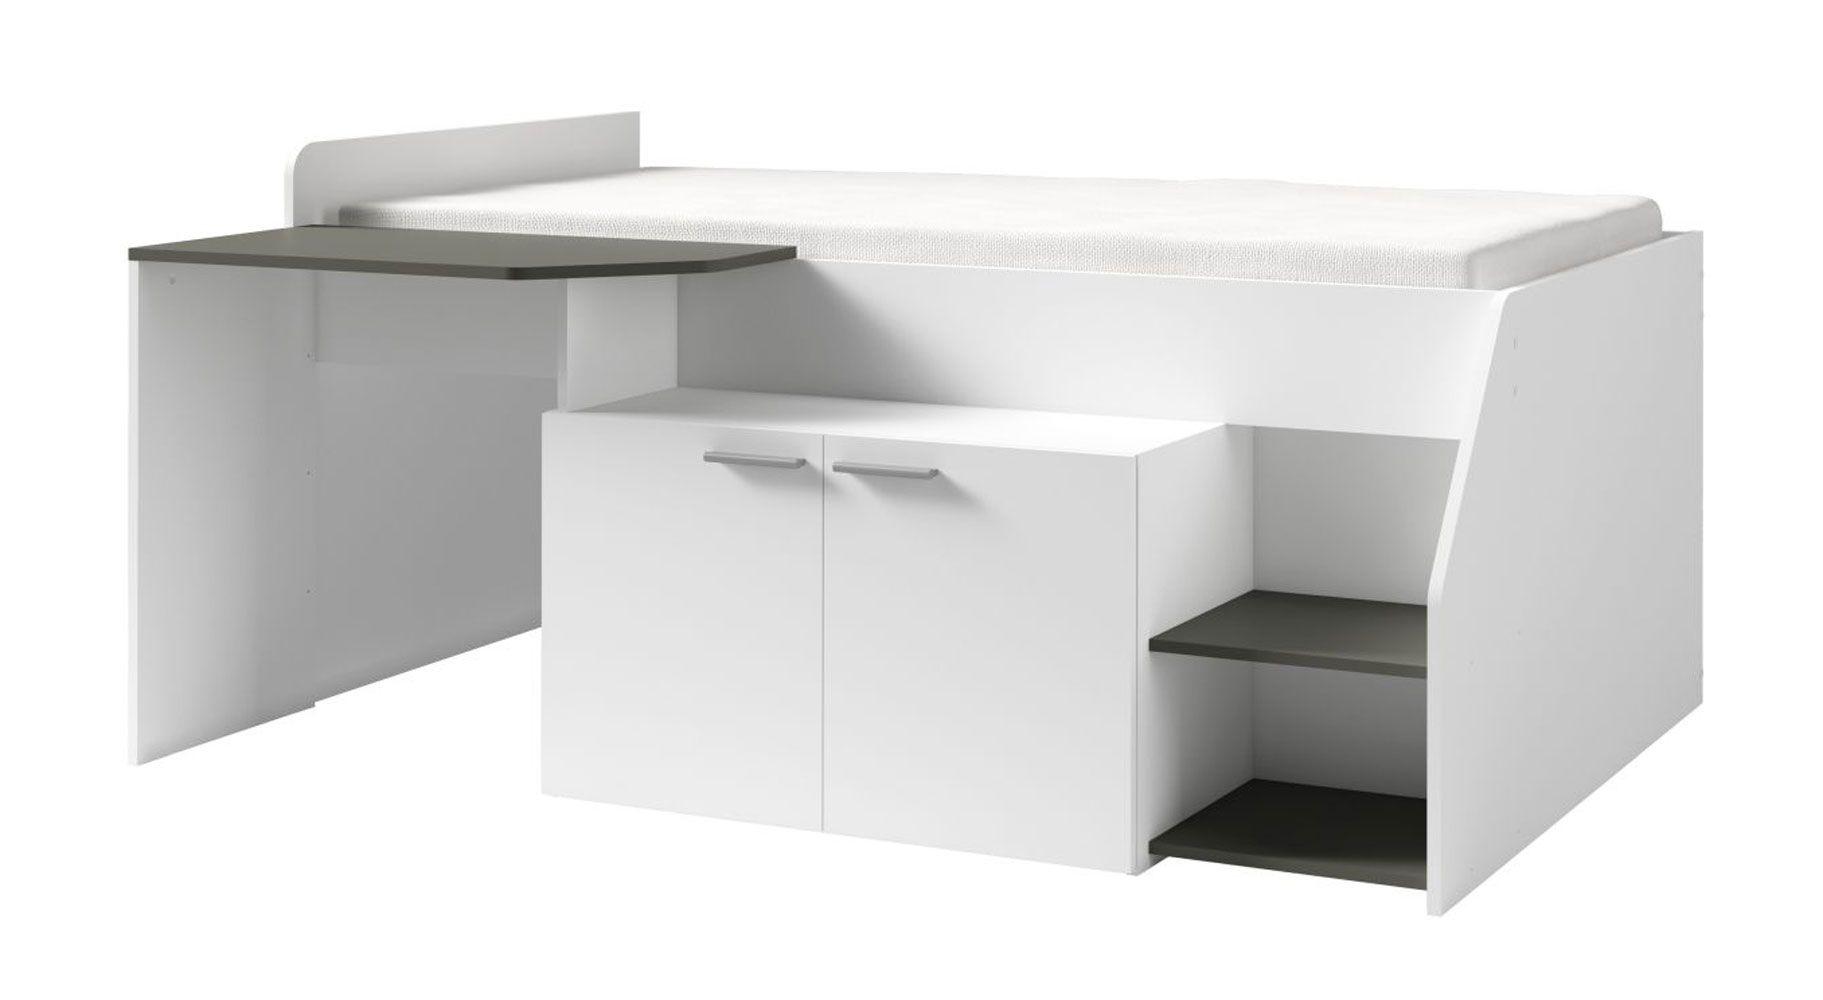 Funktionsbett / Kinderbett / Hochbett mit Schreibtisch Lindos, Farbe: Weiß / Grau - Liegefläche: 90 x 200 cm (B x L)